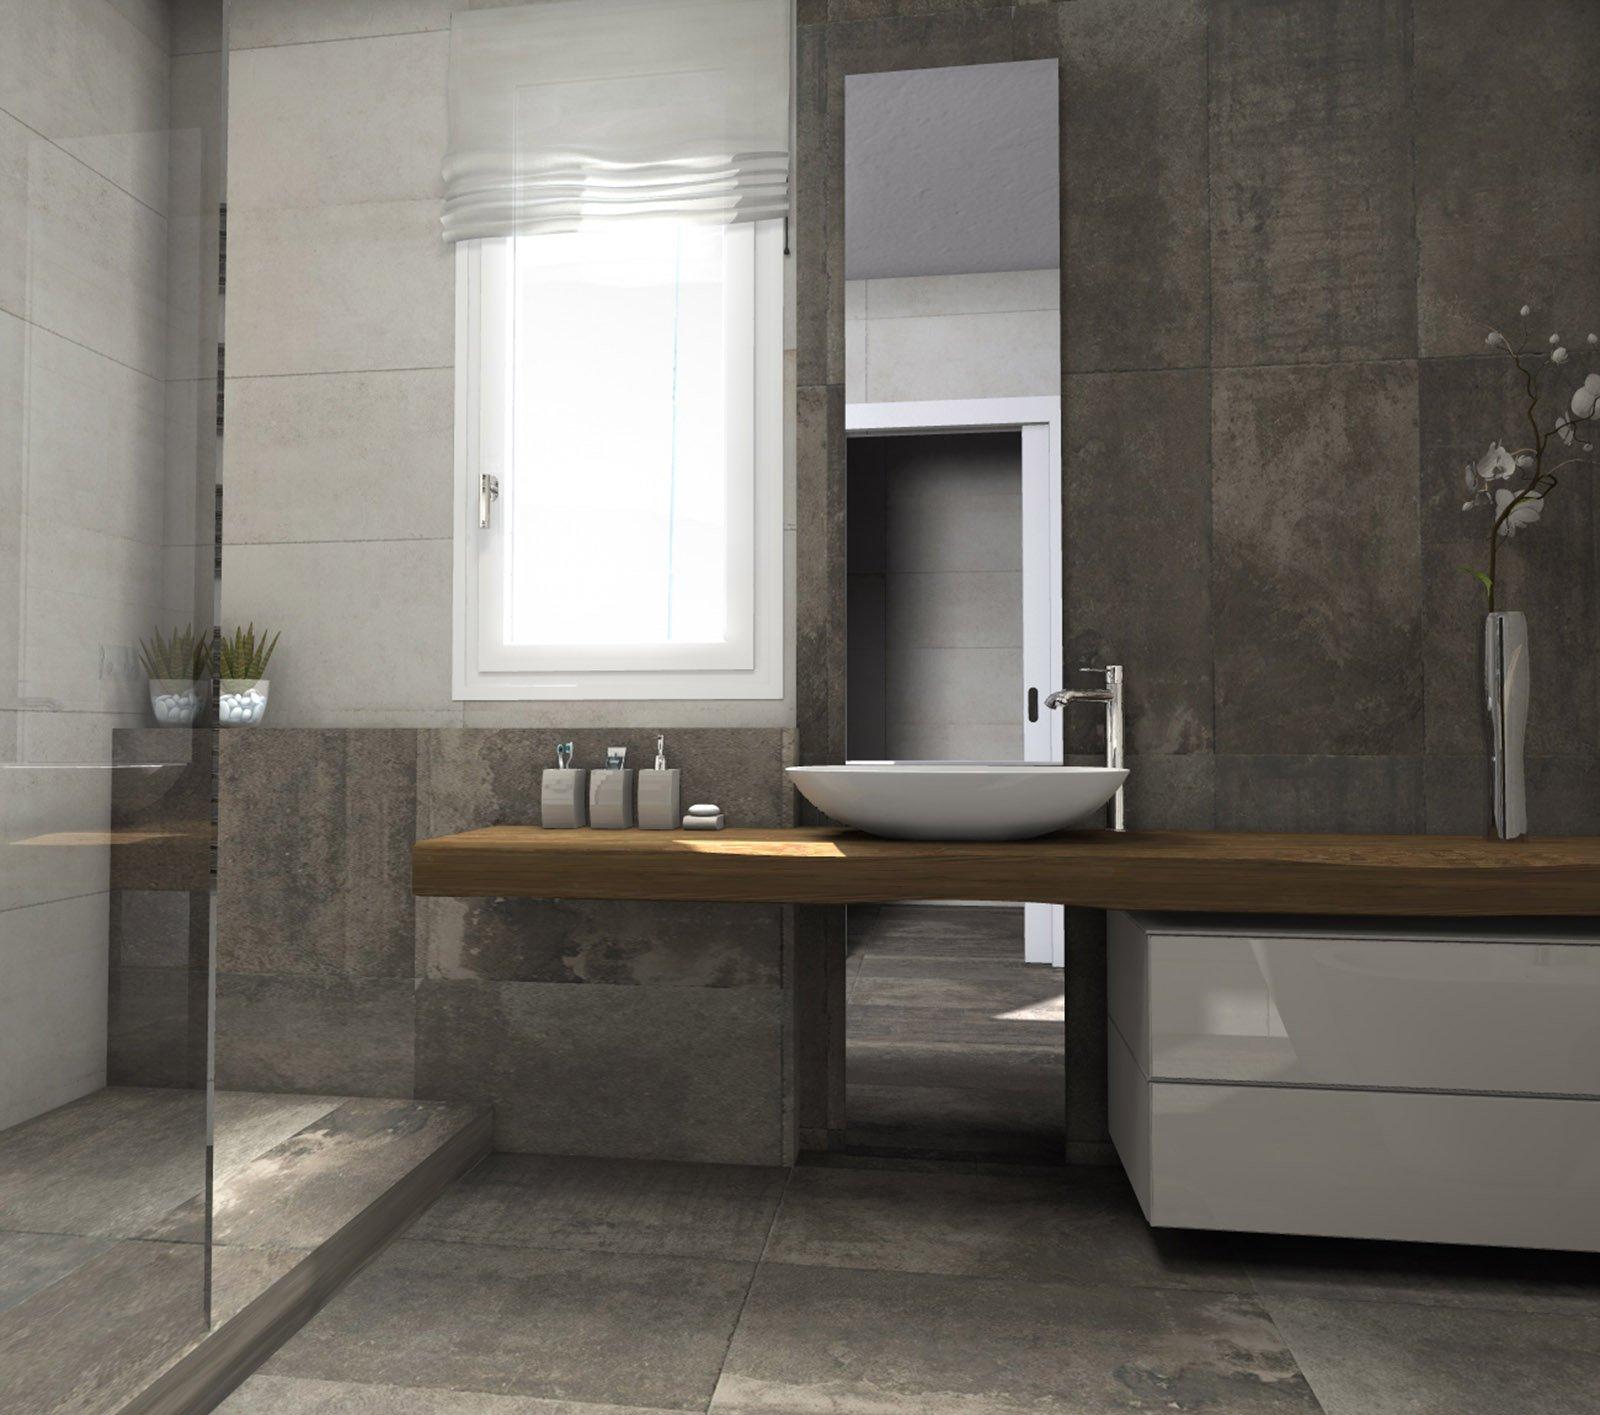 Bagno: quale la distribuzione migliore per sanitari e doccia? - Cose di Casa